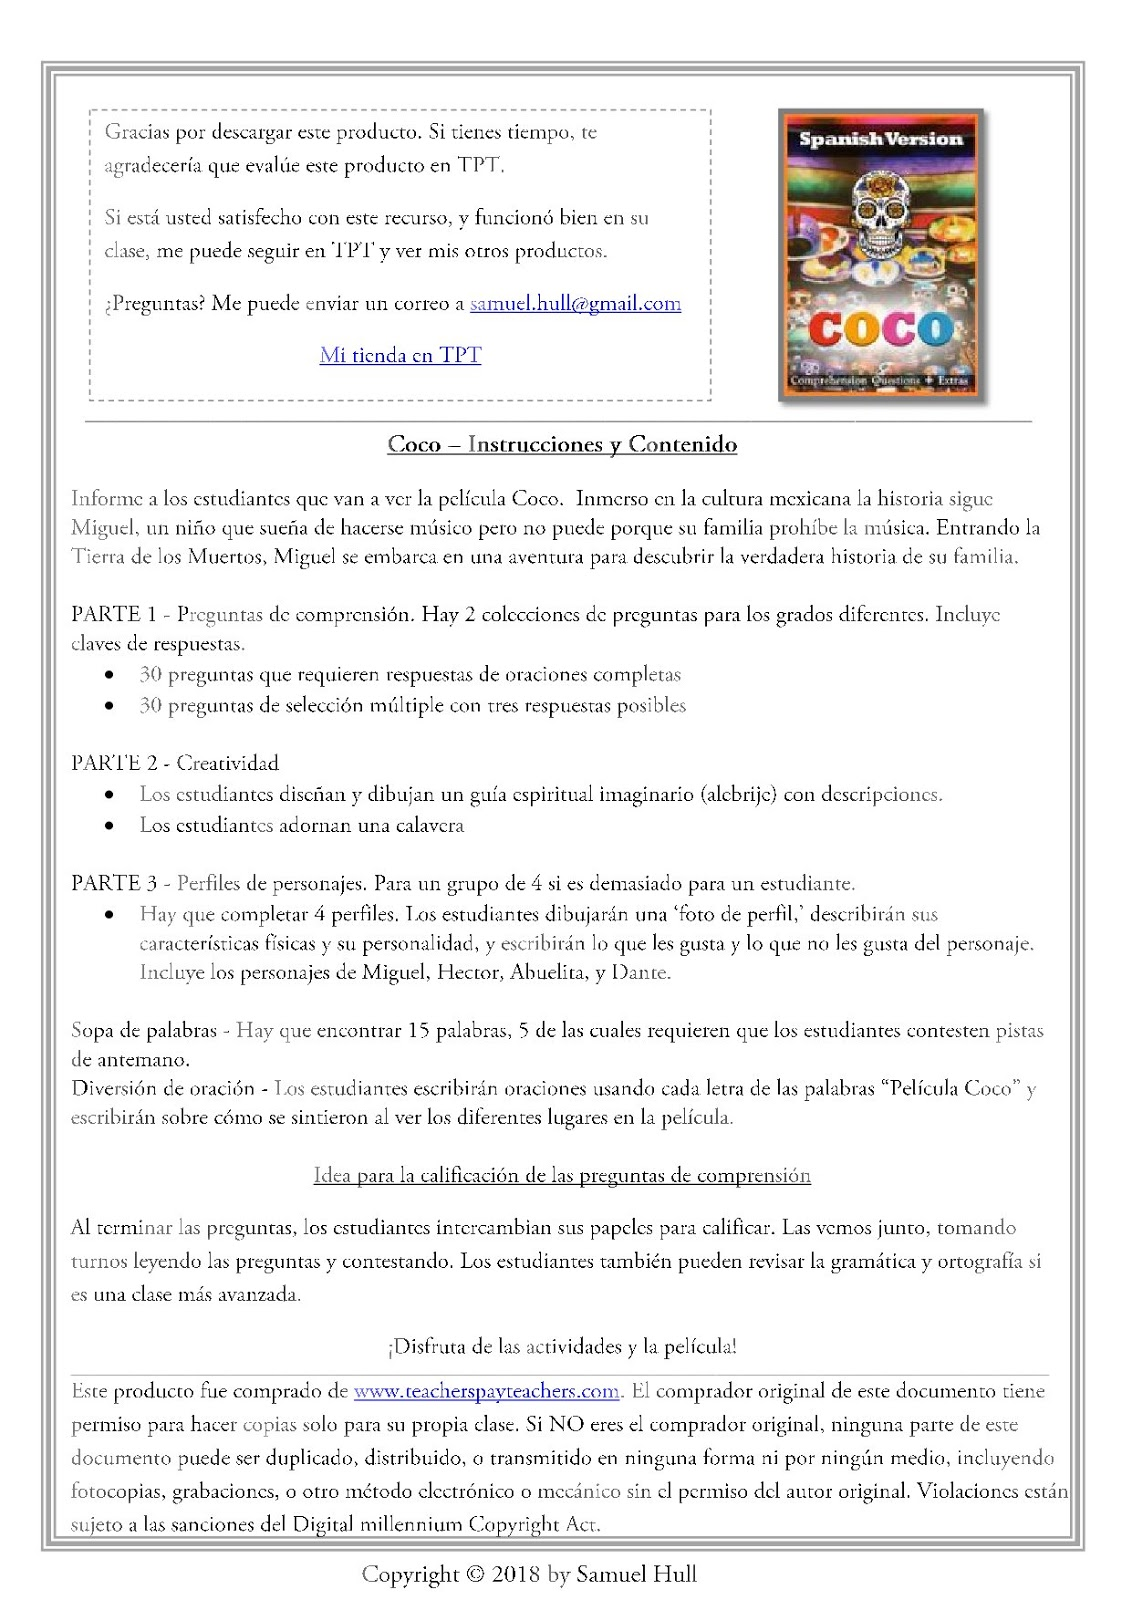 Coco Movie Guide In Spanish En Espanol Activities